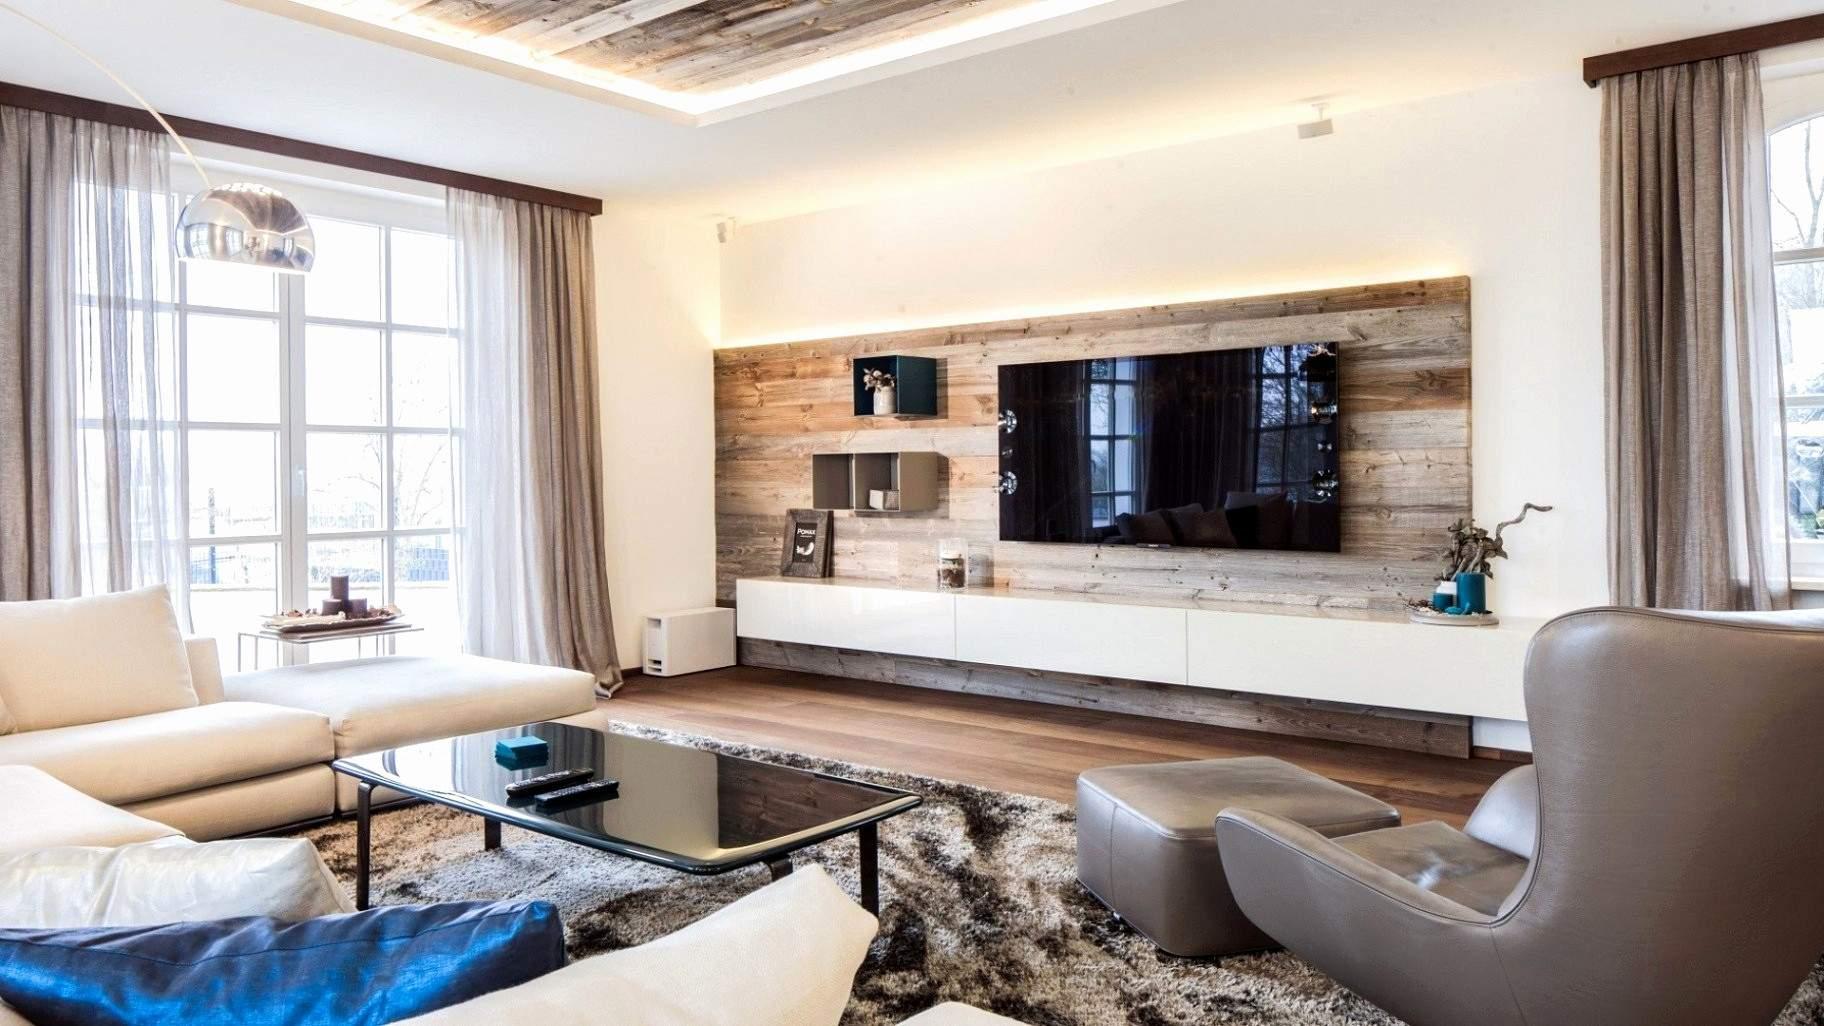 Full Size of Wohnzimmer Modern Luxus Mit Kamin Altes Modernisieren Grau Gestalten Eiche Rustikal Holz Einrichten Ideen Dekorieren Küche Tapete Deckenlampen Moderne Wohnzimmer Wohnzimmer Modern